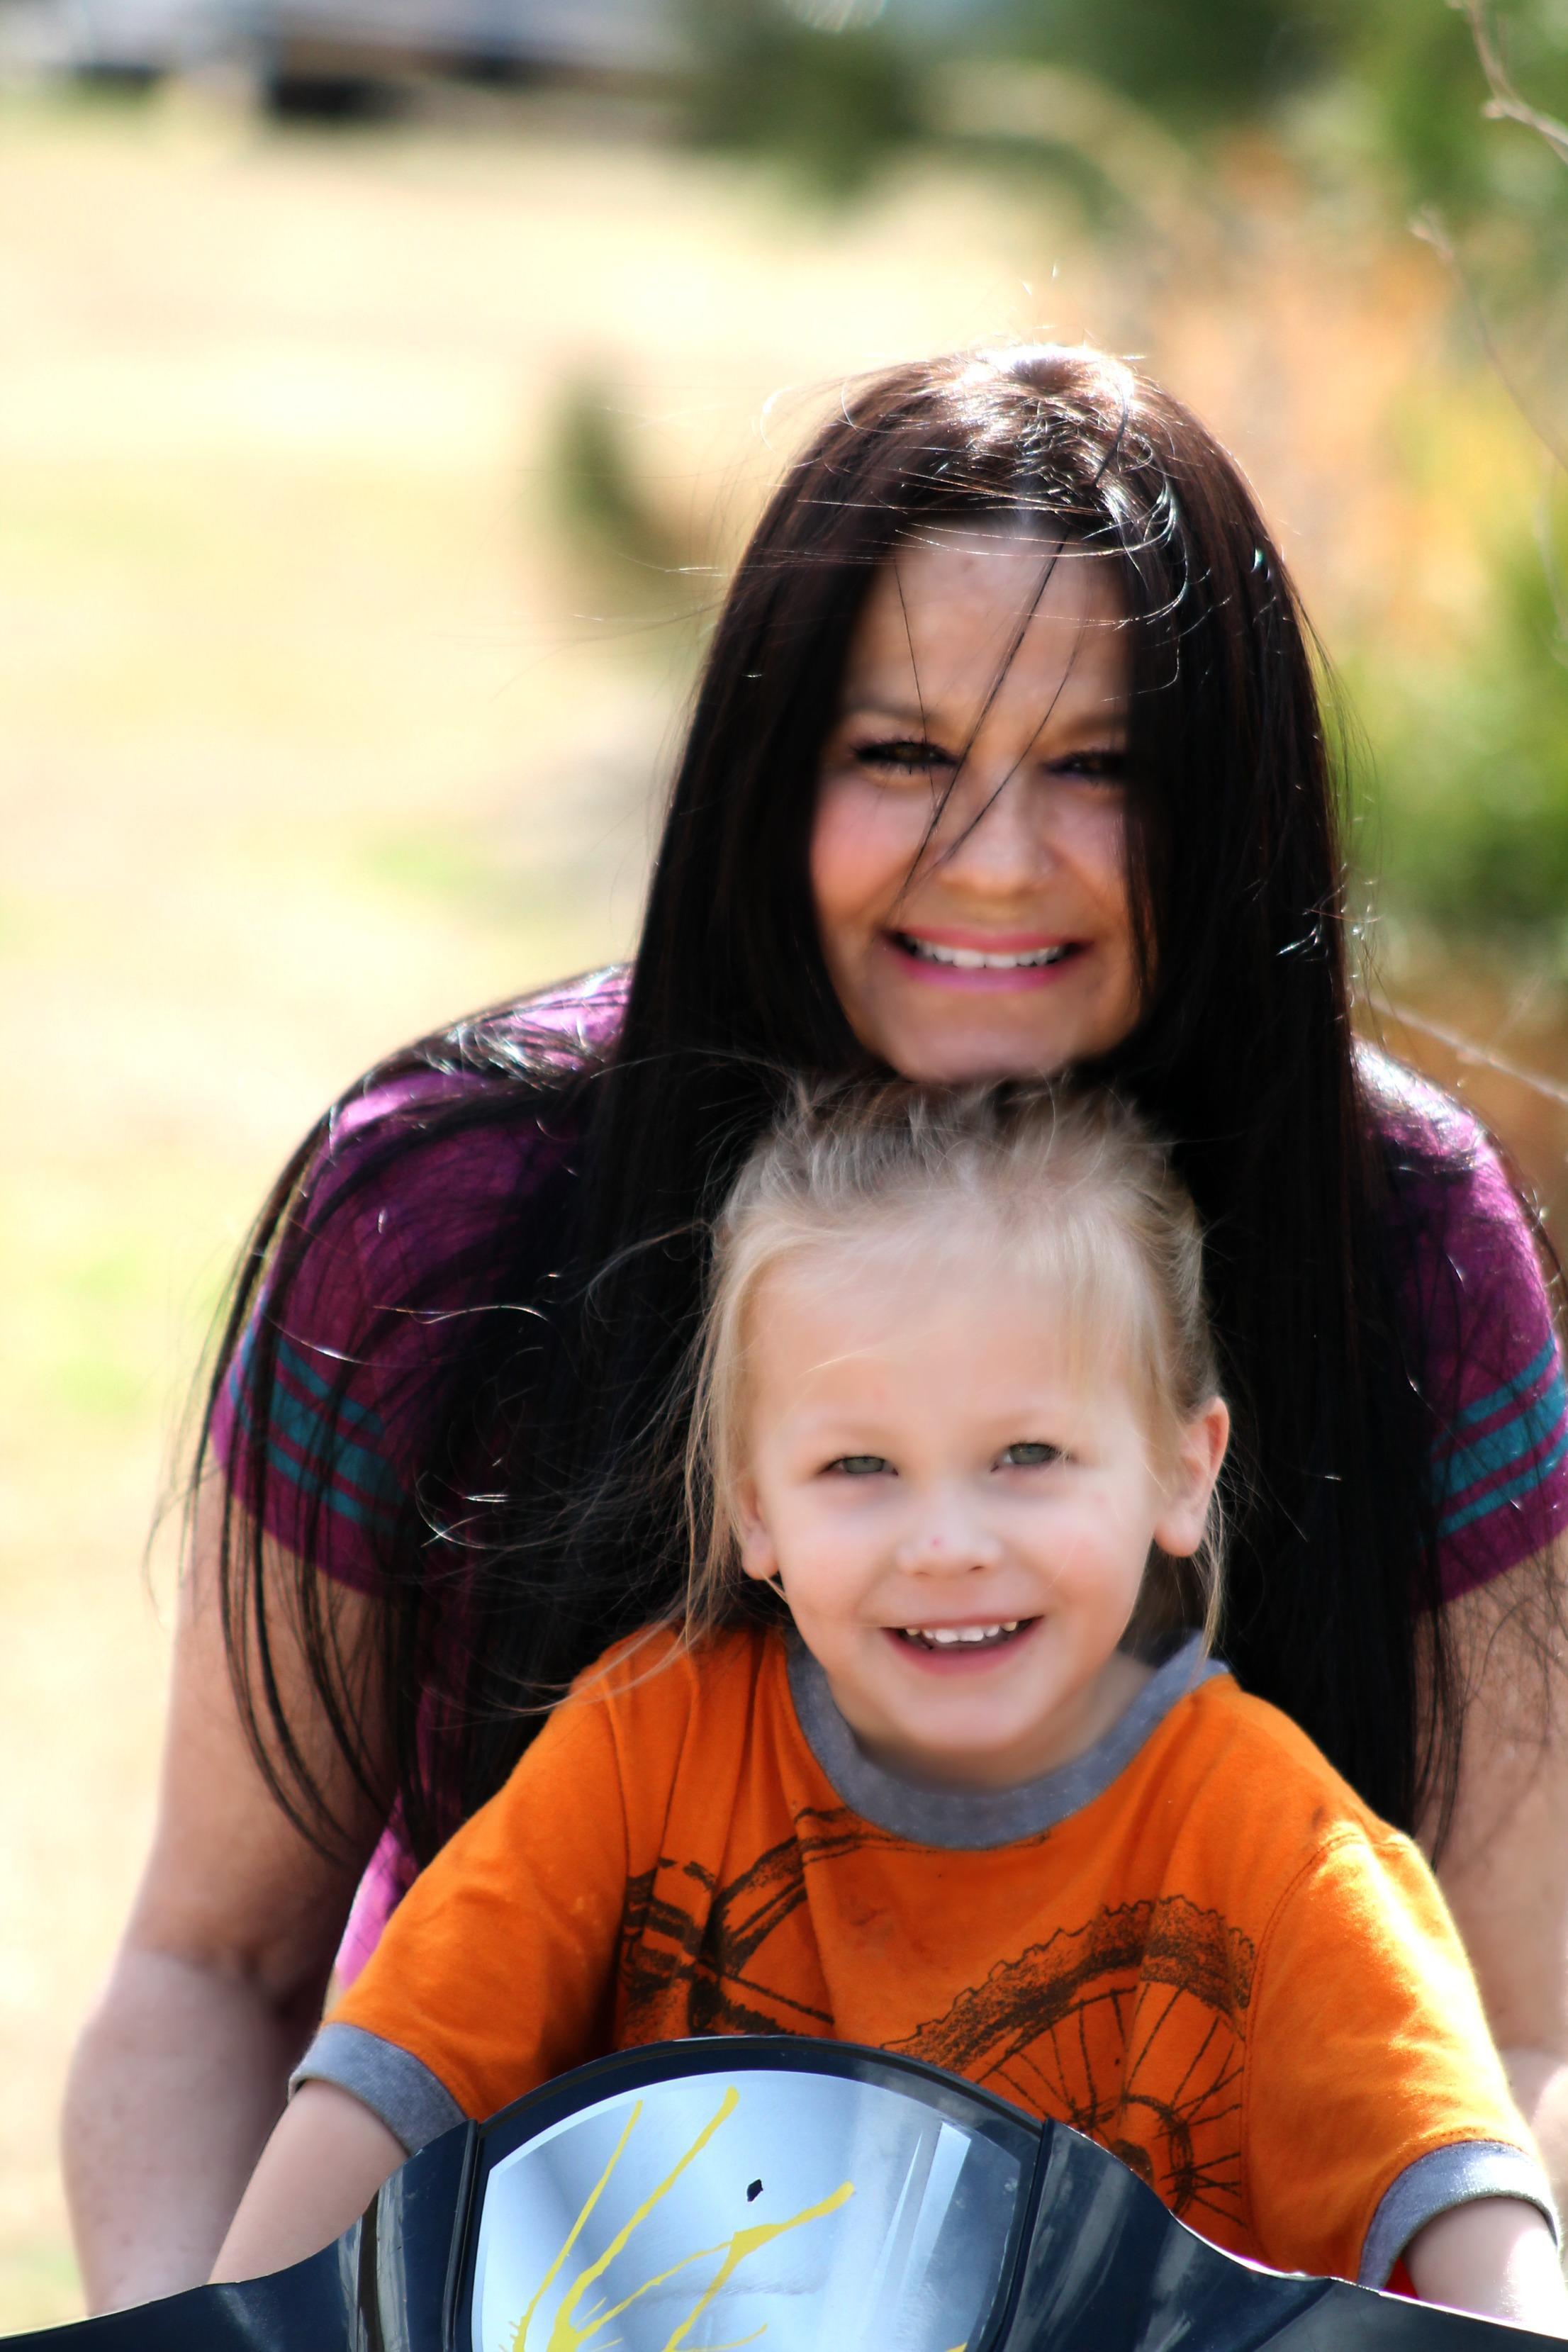 Foster mom puts children first